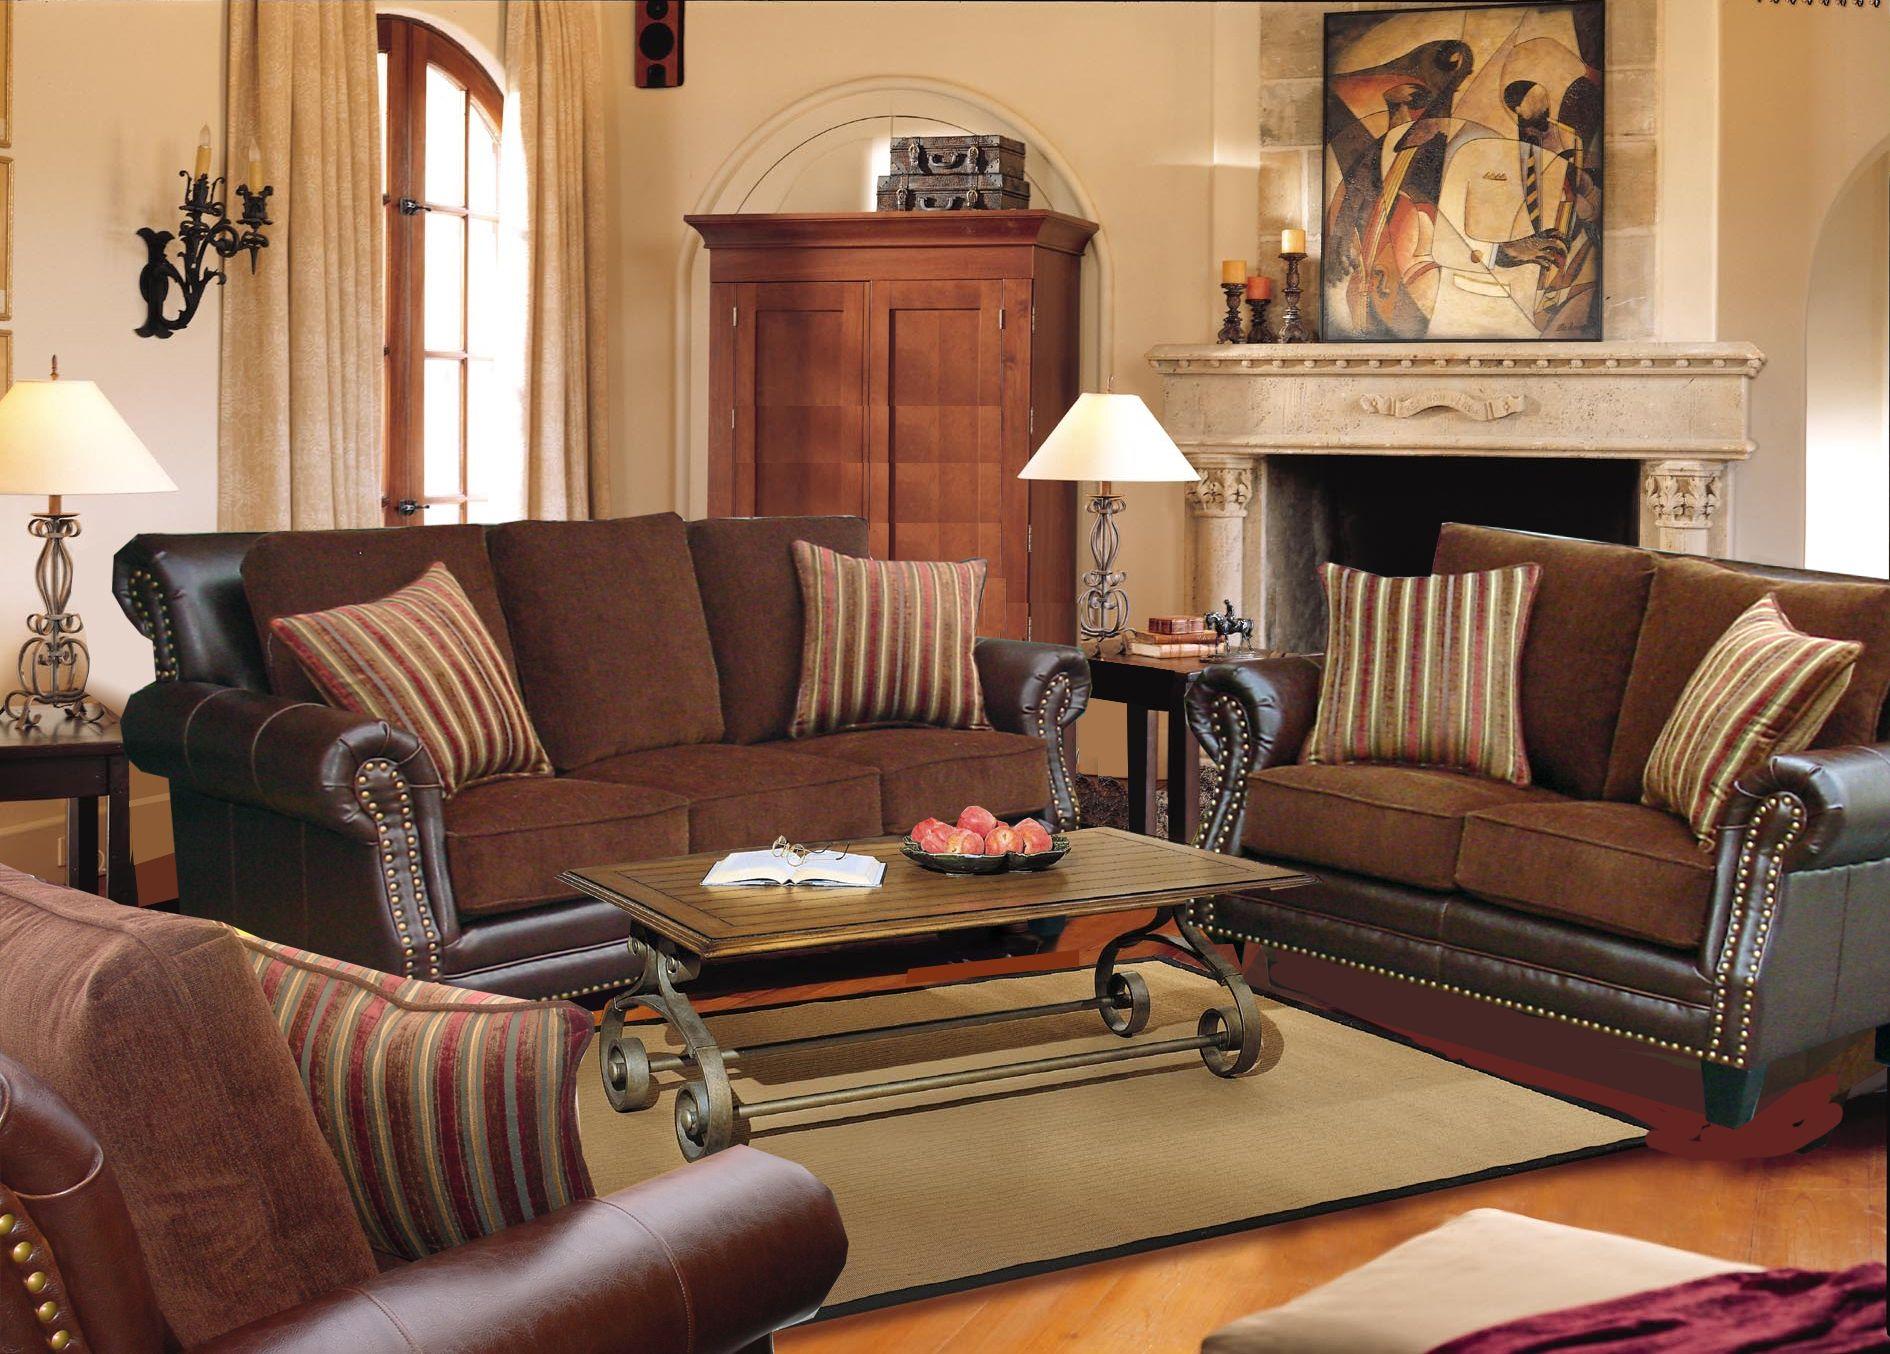 Dise o de salas cl sica 2013 en 2019 decoraci n de salas for Casa clasica moderna interiores